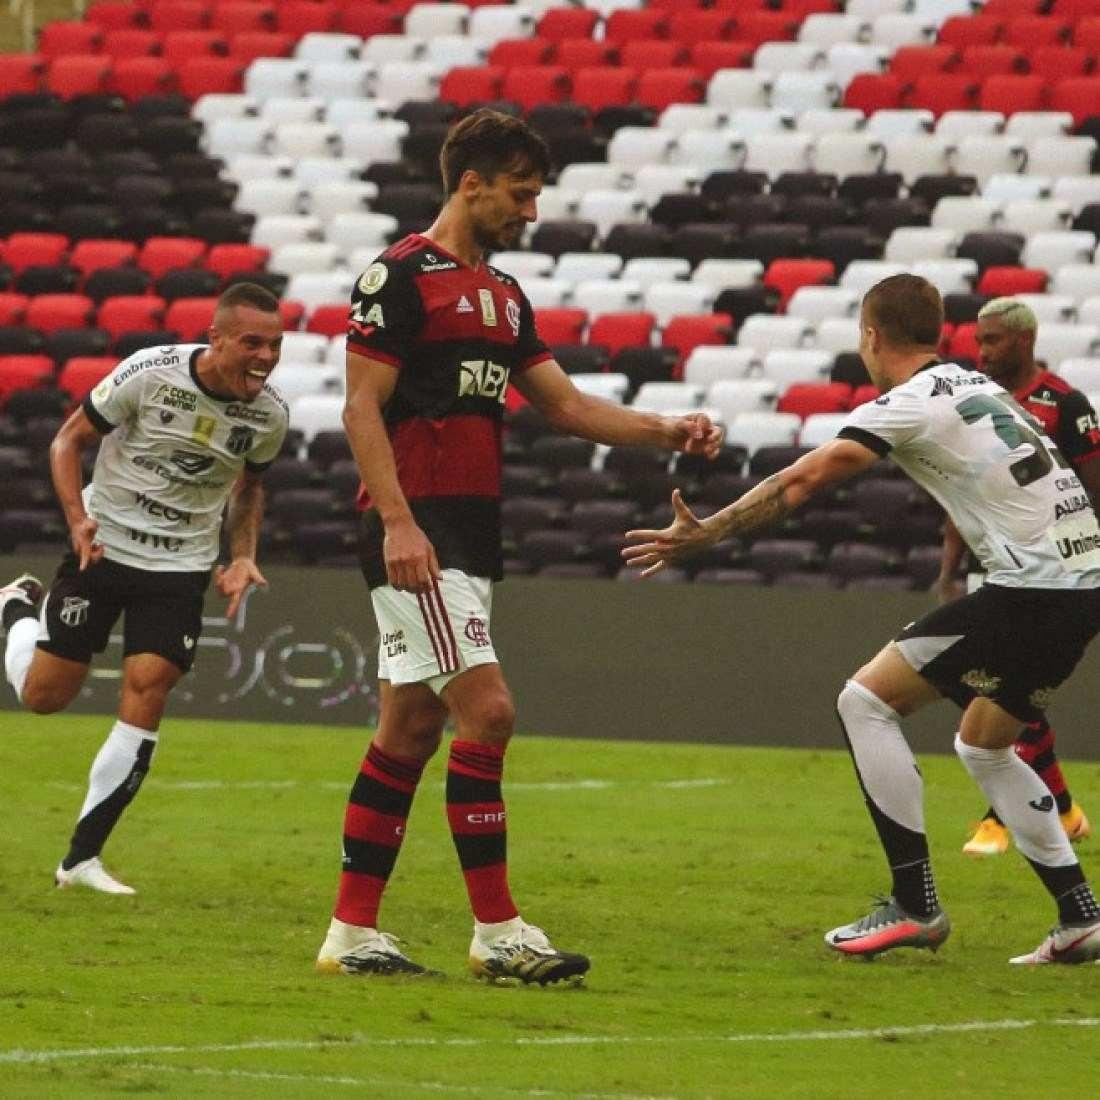 Foto: Fausto Filho/cearasc.com